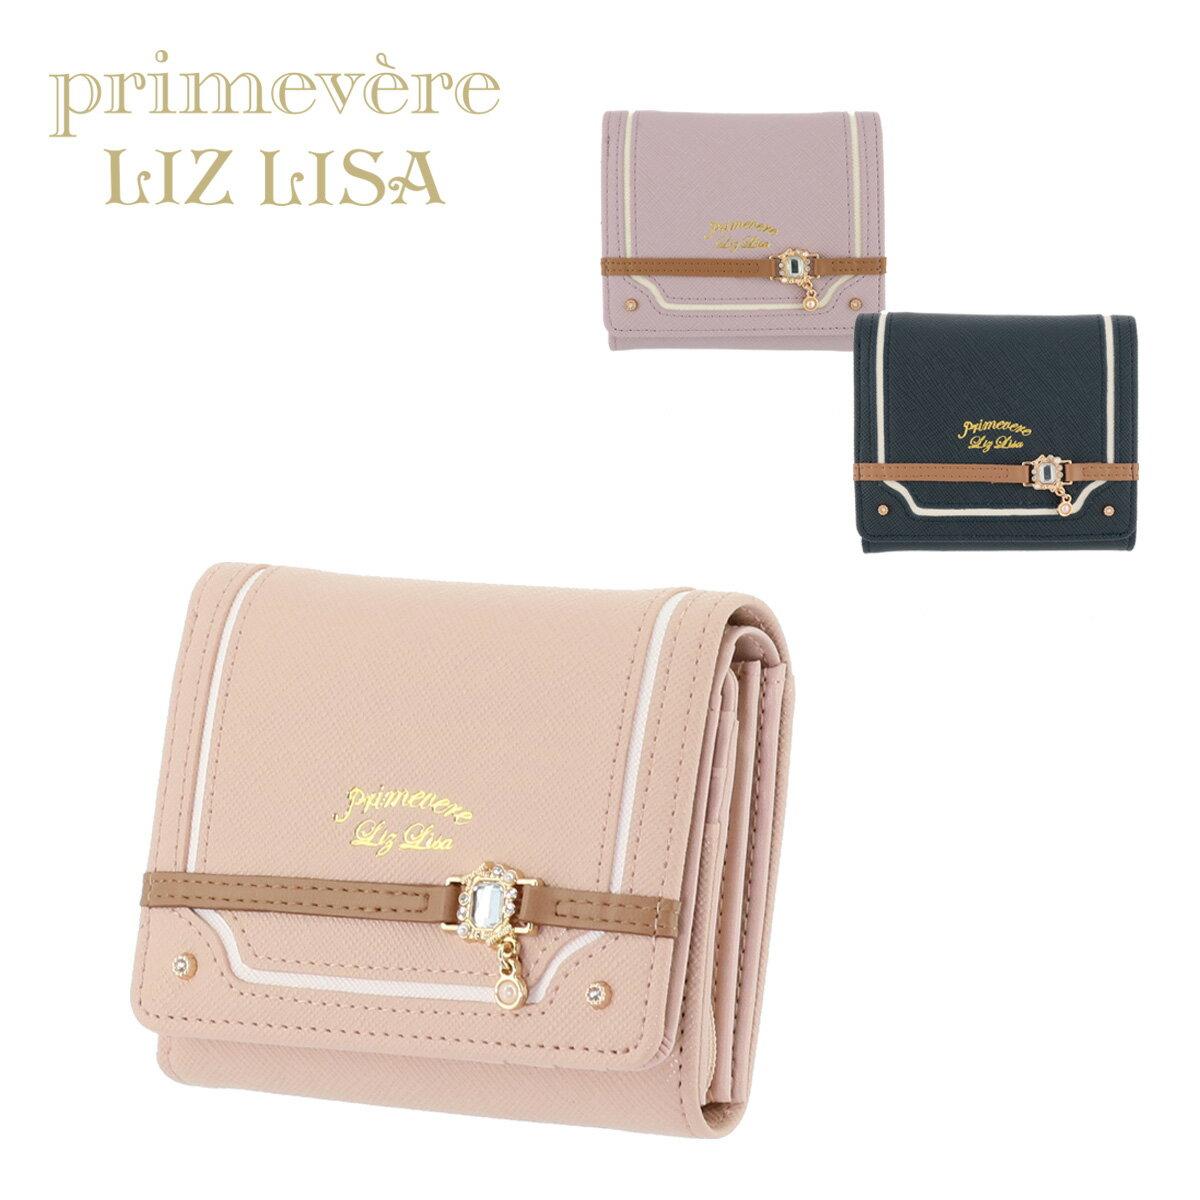 プリムヴェール リズリサ 二つ折り財布 カカオ 64462 Primevere LIZ LISA ミニ財布 レディース ブランド専用BOX付き【即日発送】